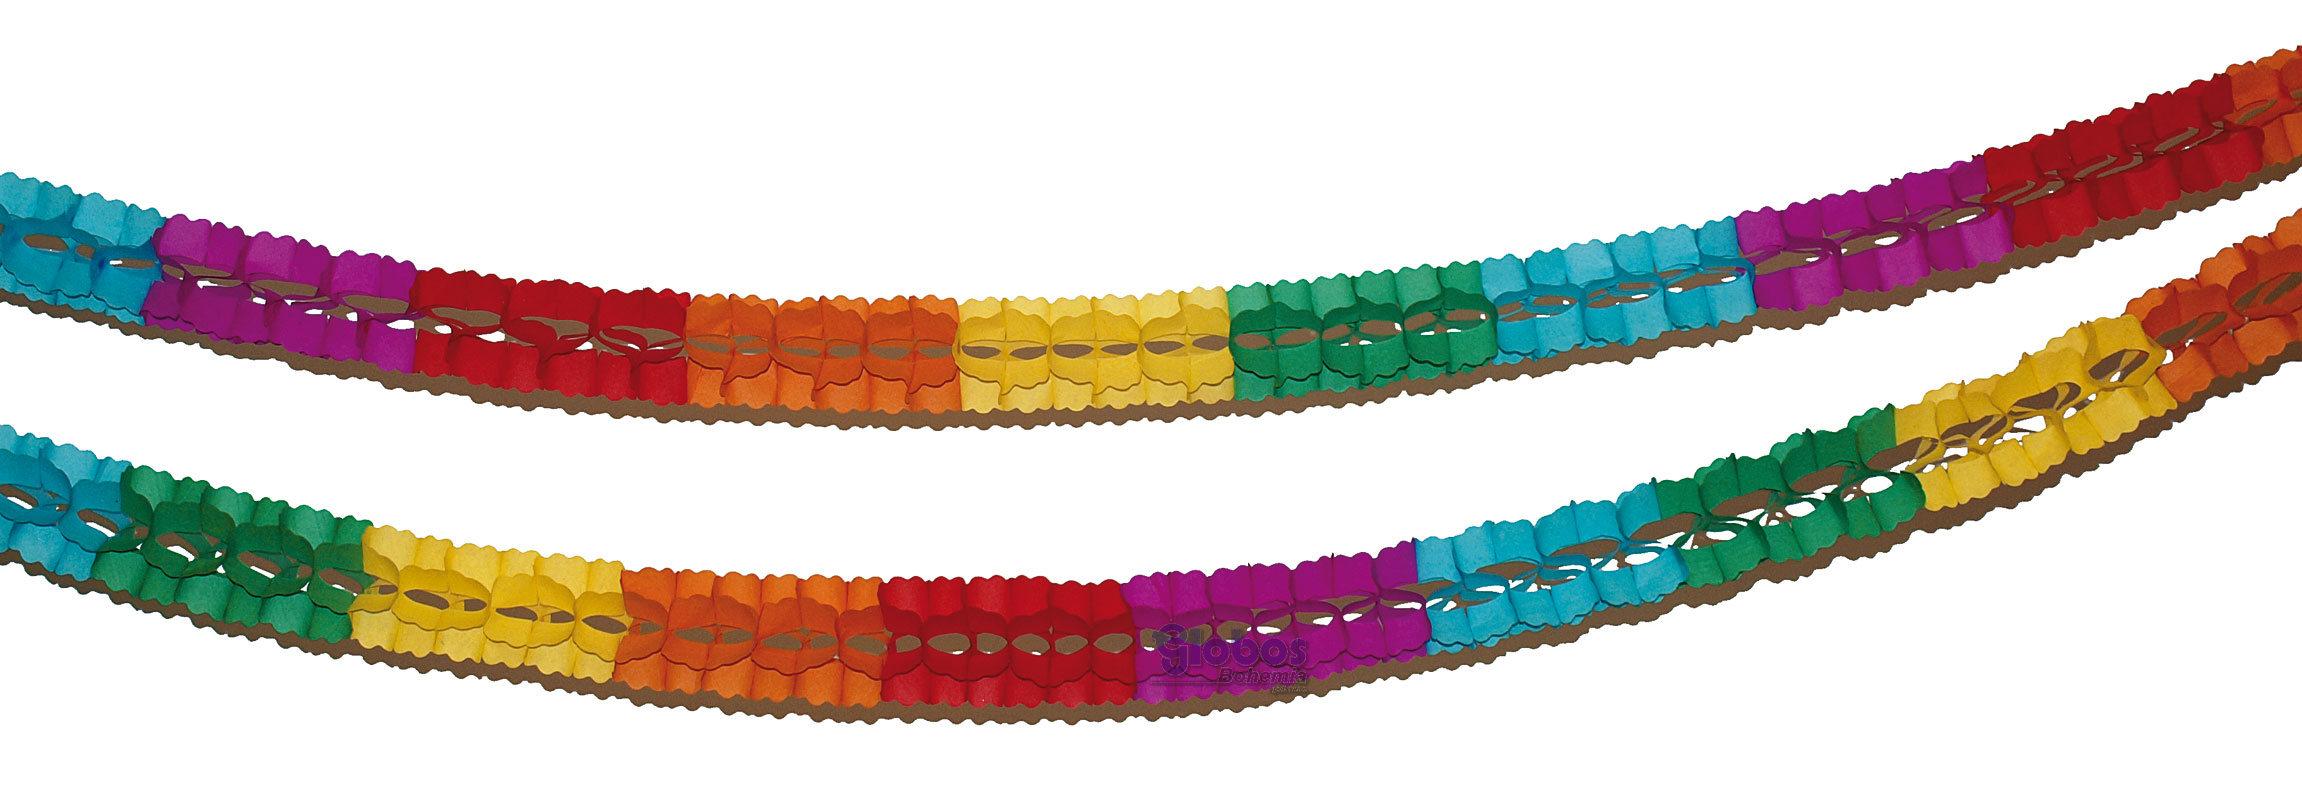 Girlanda malá barevná cb11a1b301